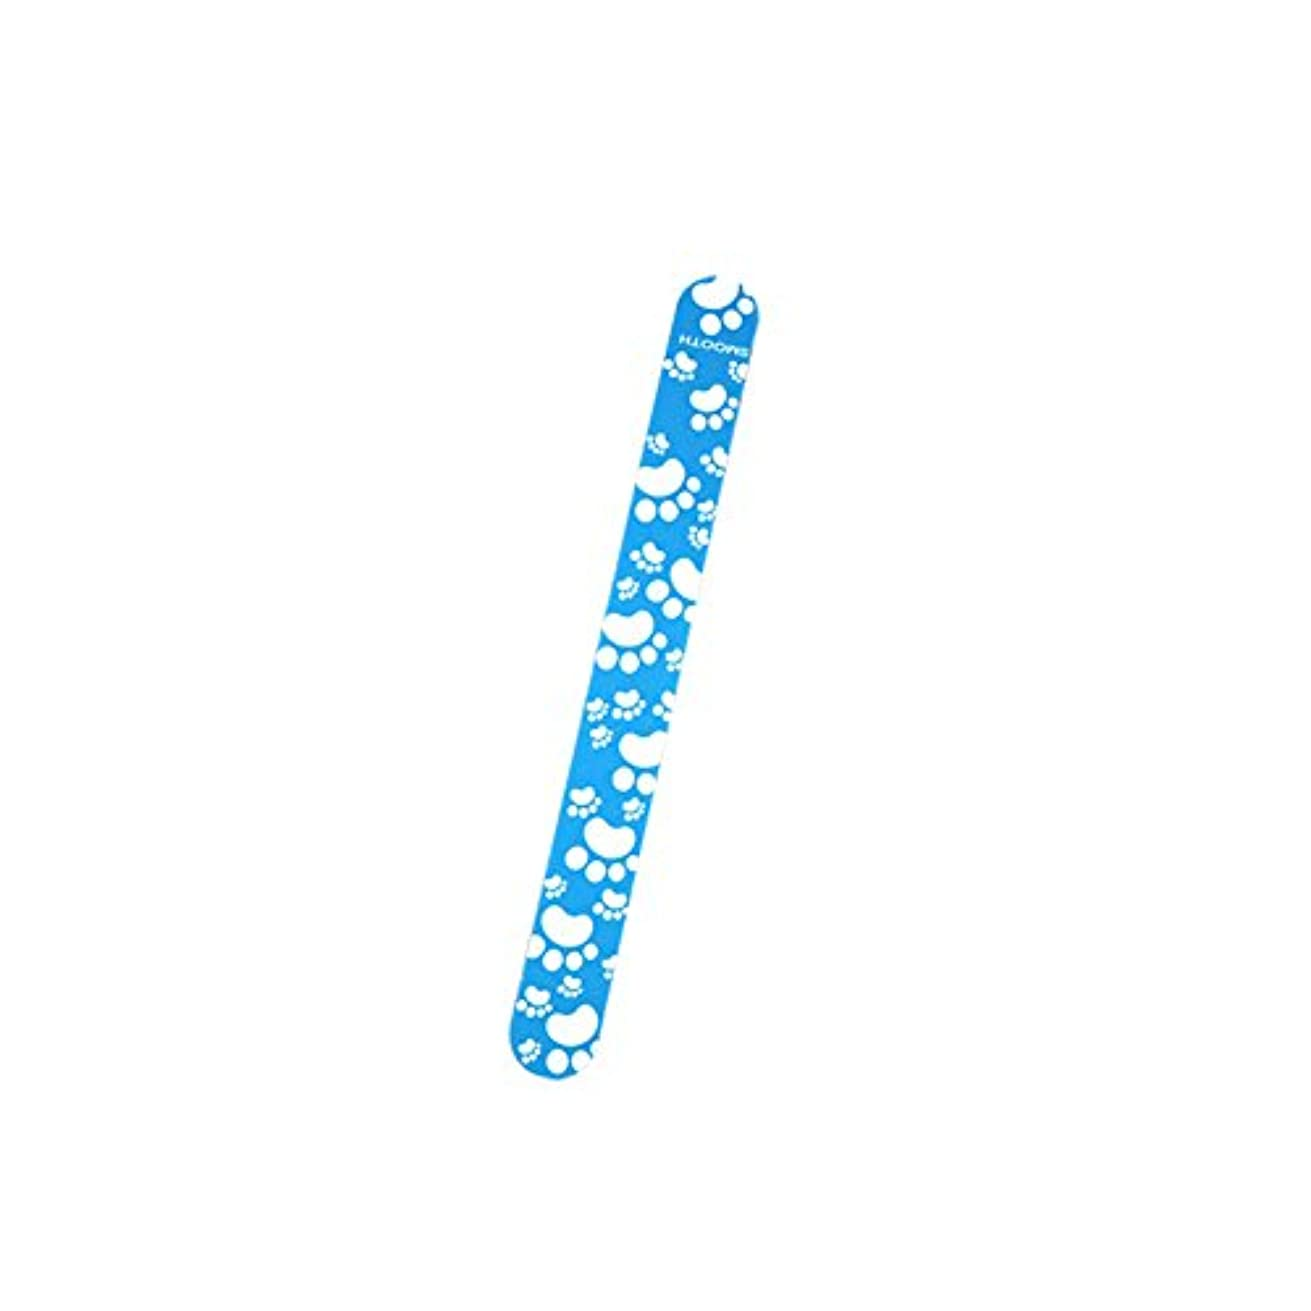 拡張息切れ洋服Poonikuuネイルやすり 爪ヤスリ爪磨き ケアツール ネイルツール 小型便利 ネイル用道具 1本セット